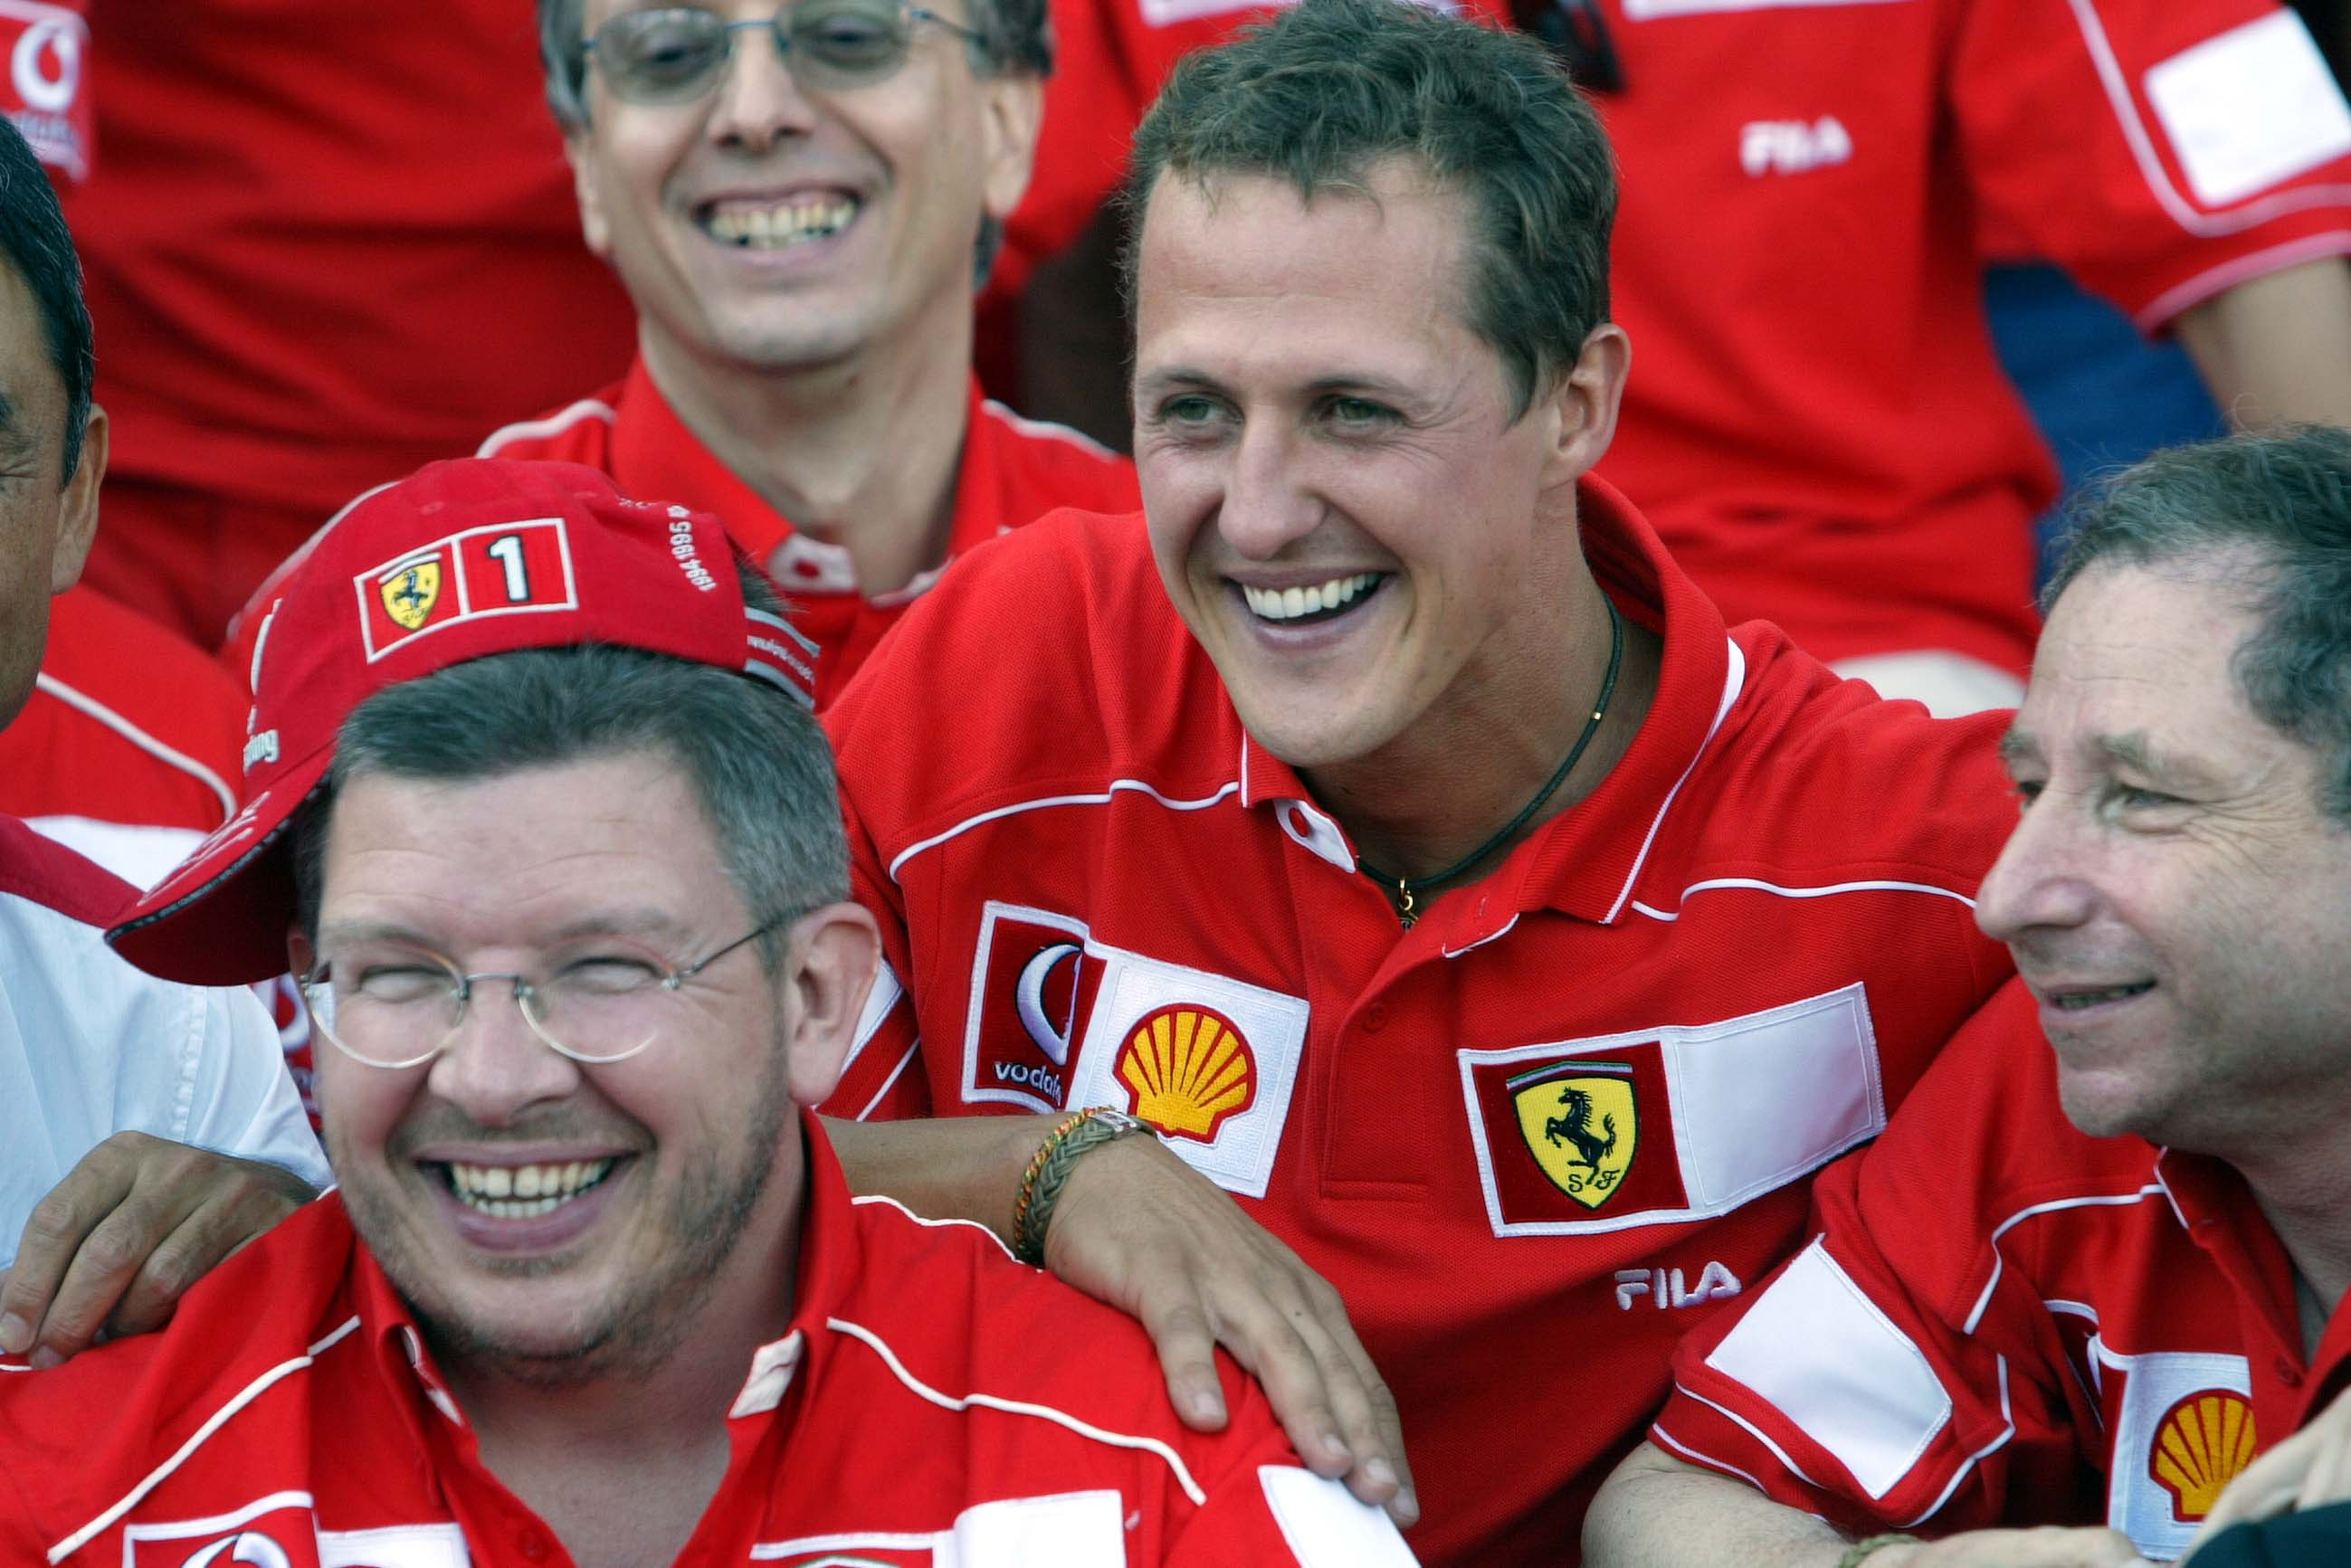 Ross Brawn Michael Schumacher Jean Todt 2002